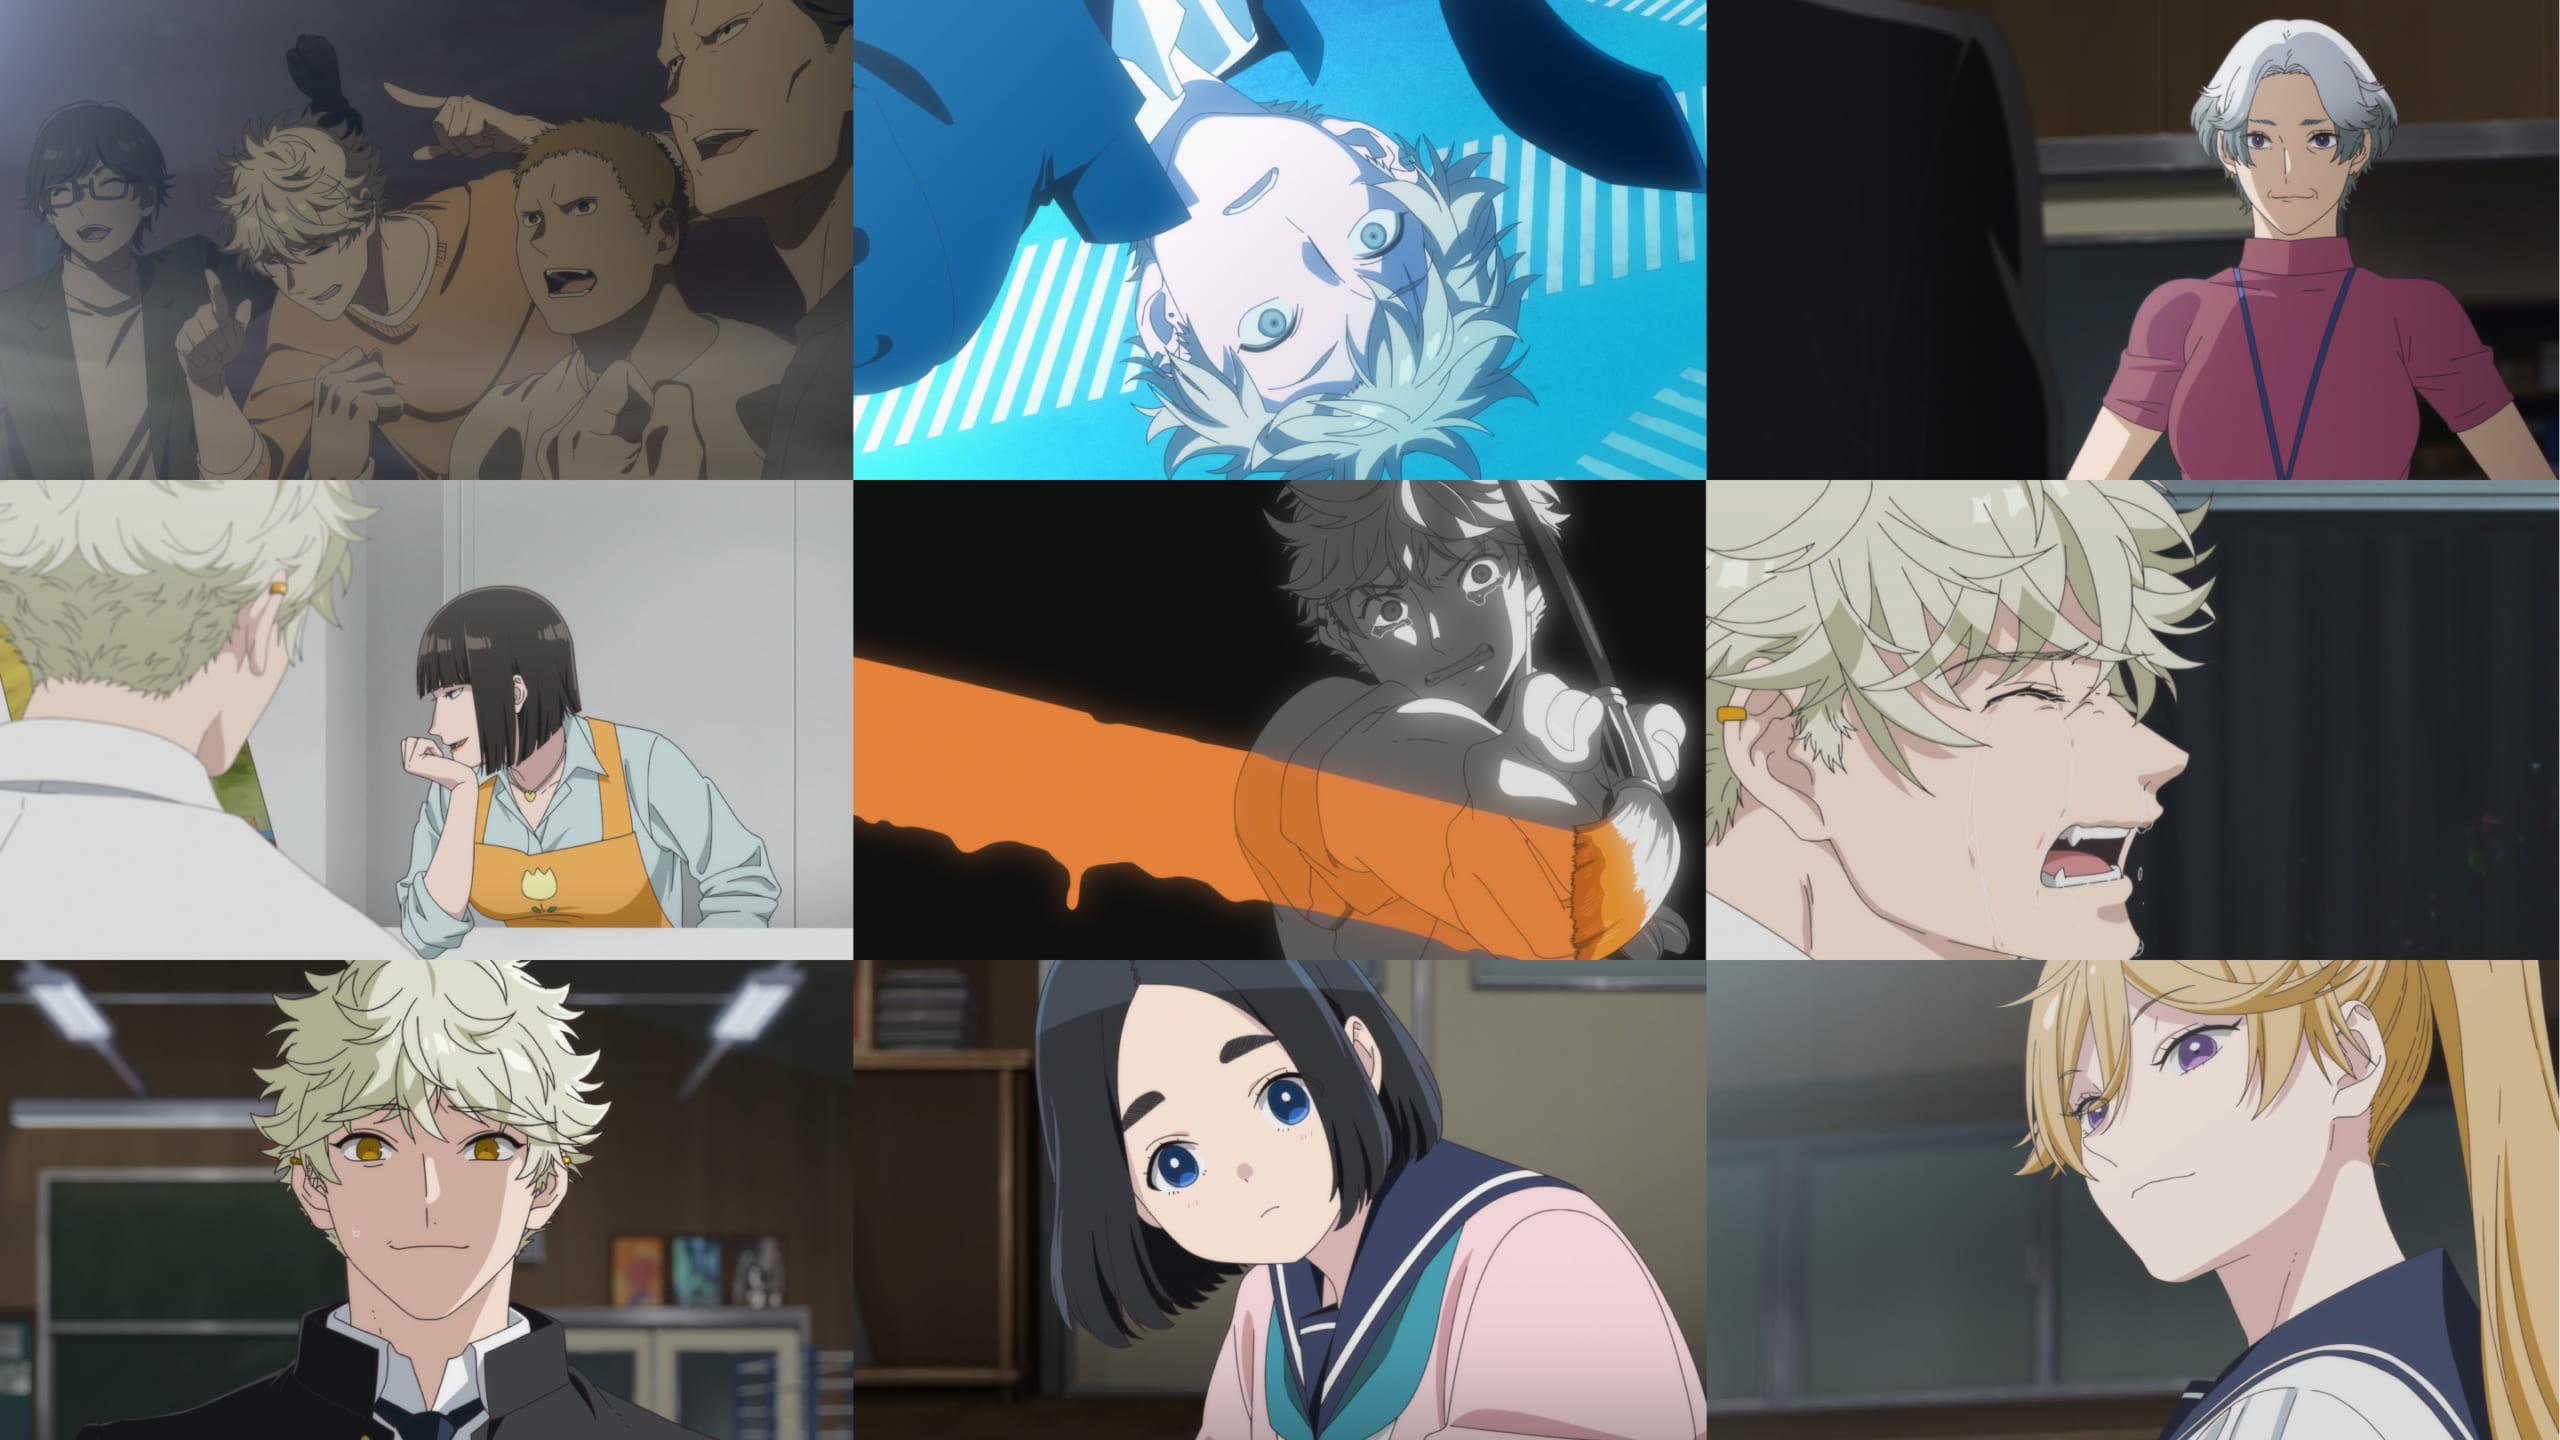 TVアニメ「ブルーピリオド」第2弾PVで多くのキャラのCV解禁!OP「EVERBLUE」も聴ける